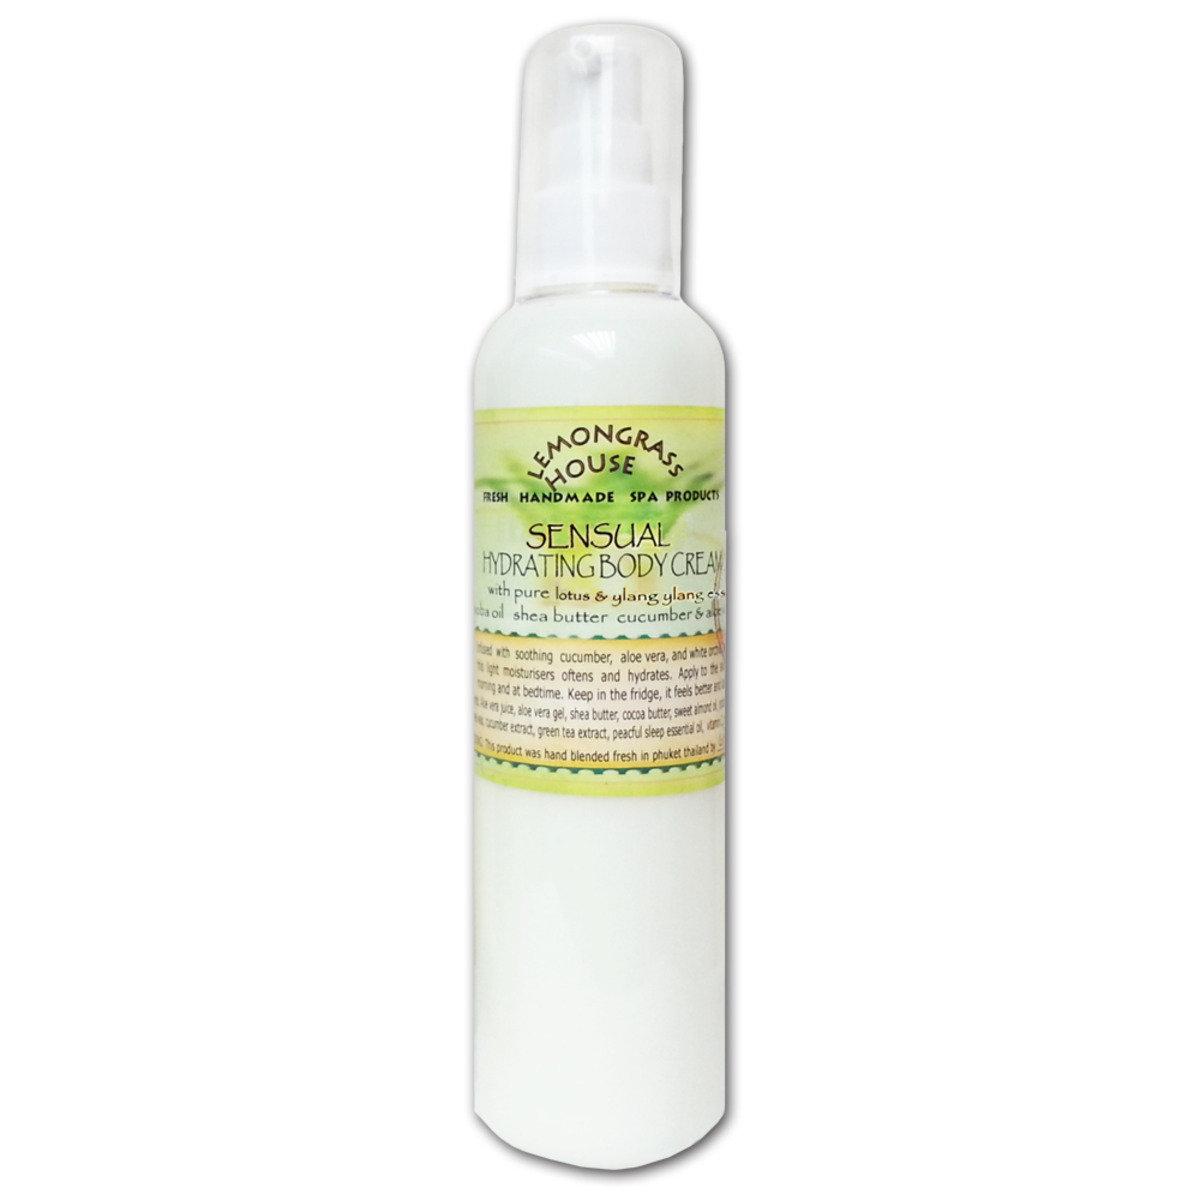 天然香薰高度保濕身體乳 260ml - 感性